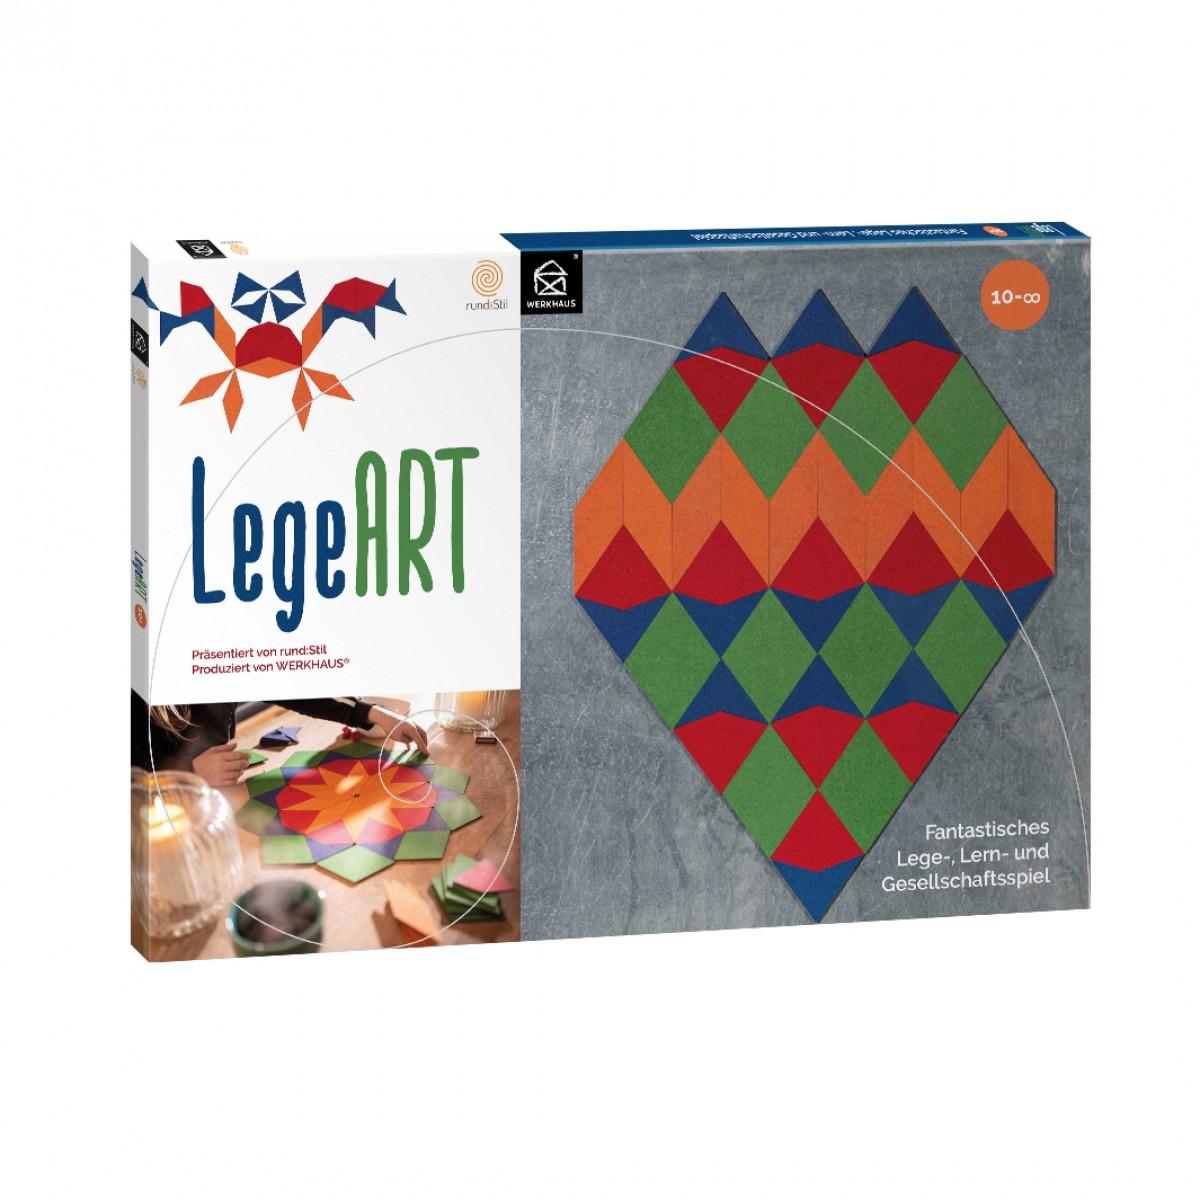 LegeART. Fantastisches Lege-,Lern- und Gesellschaftsspiel